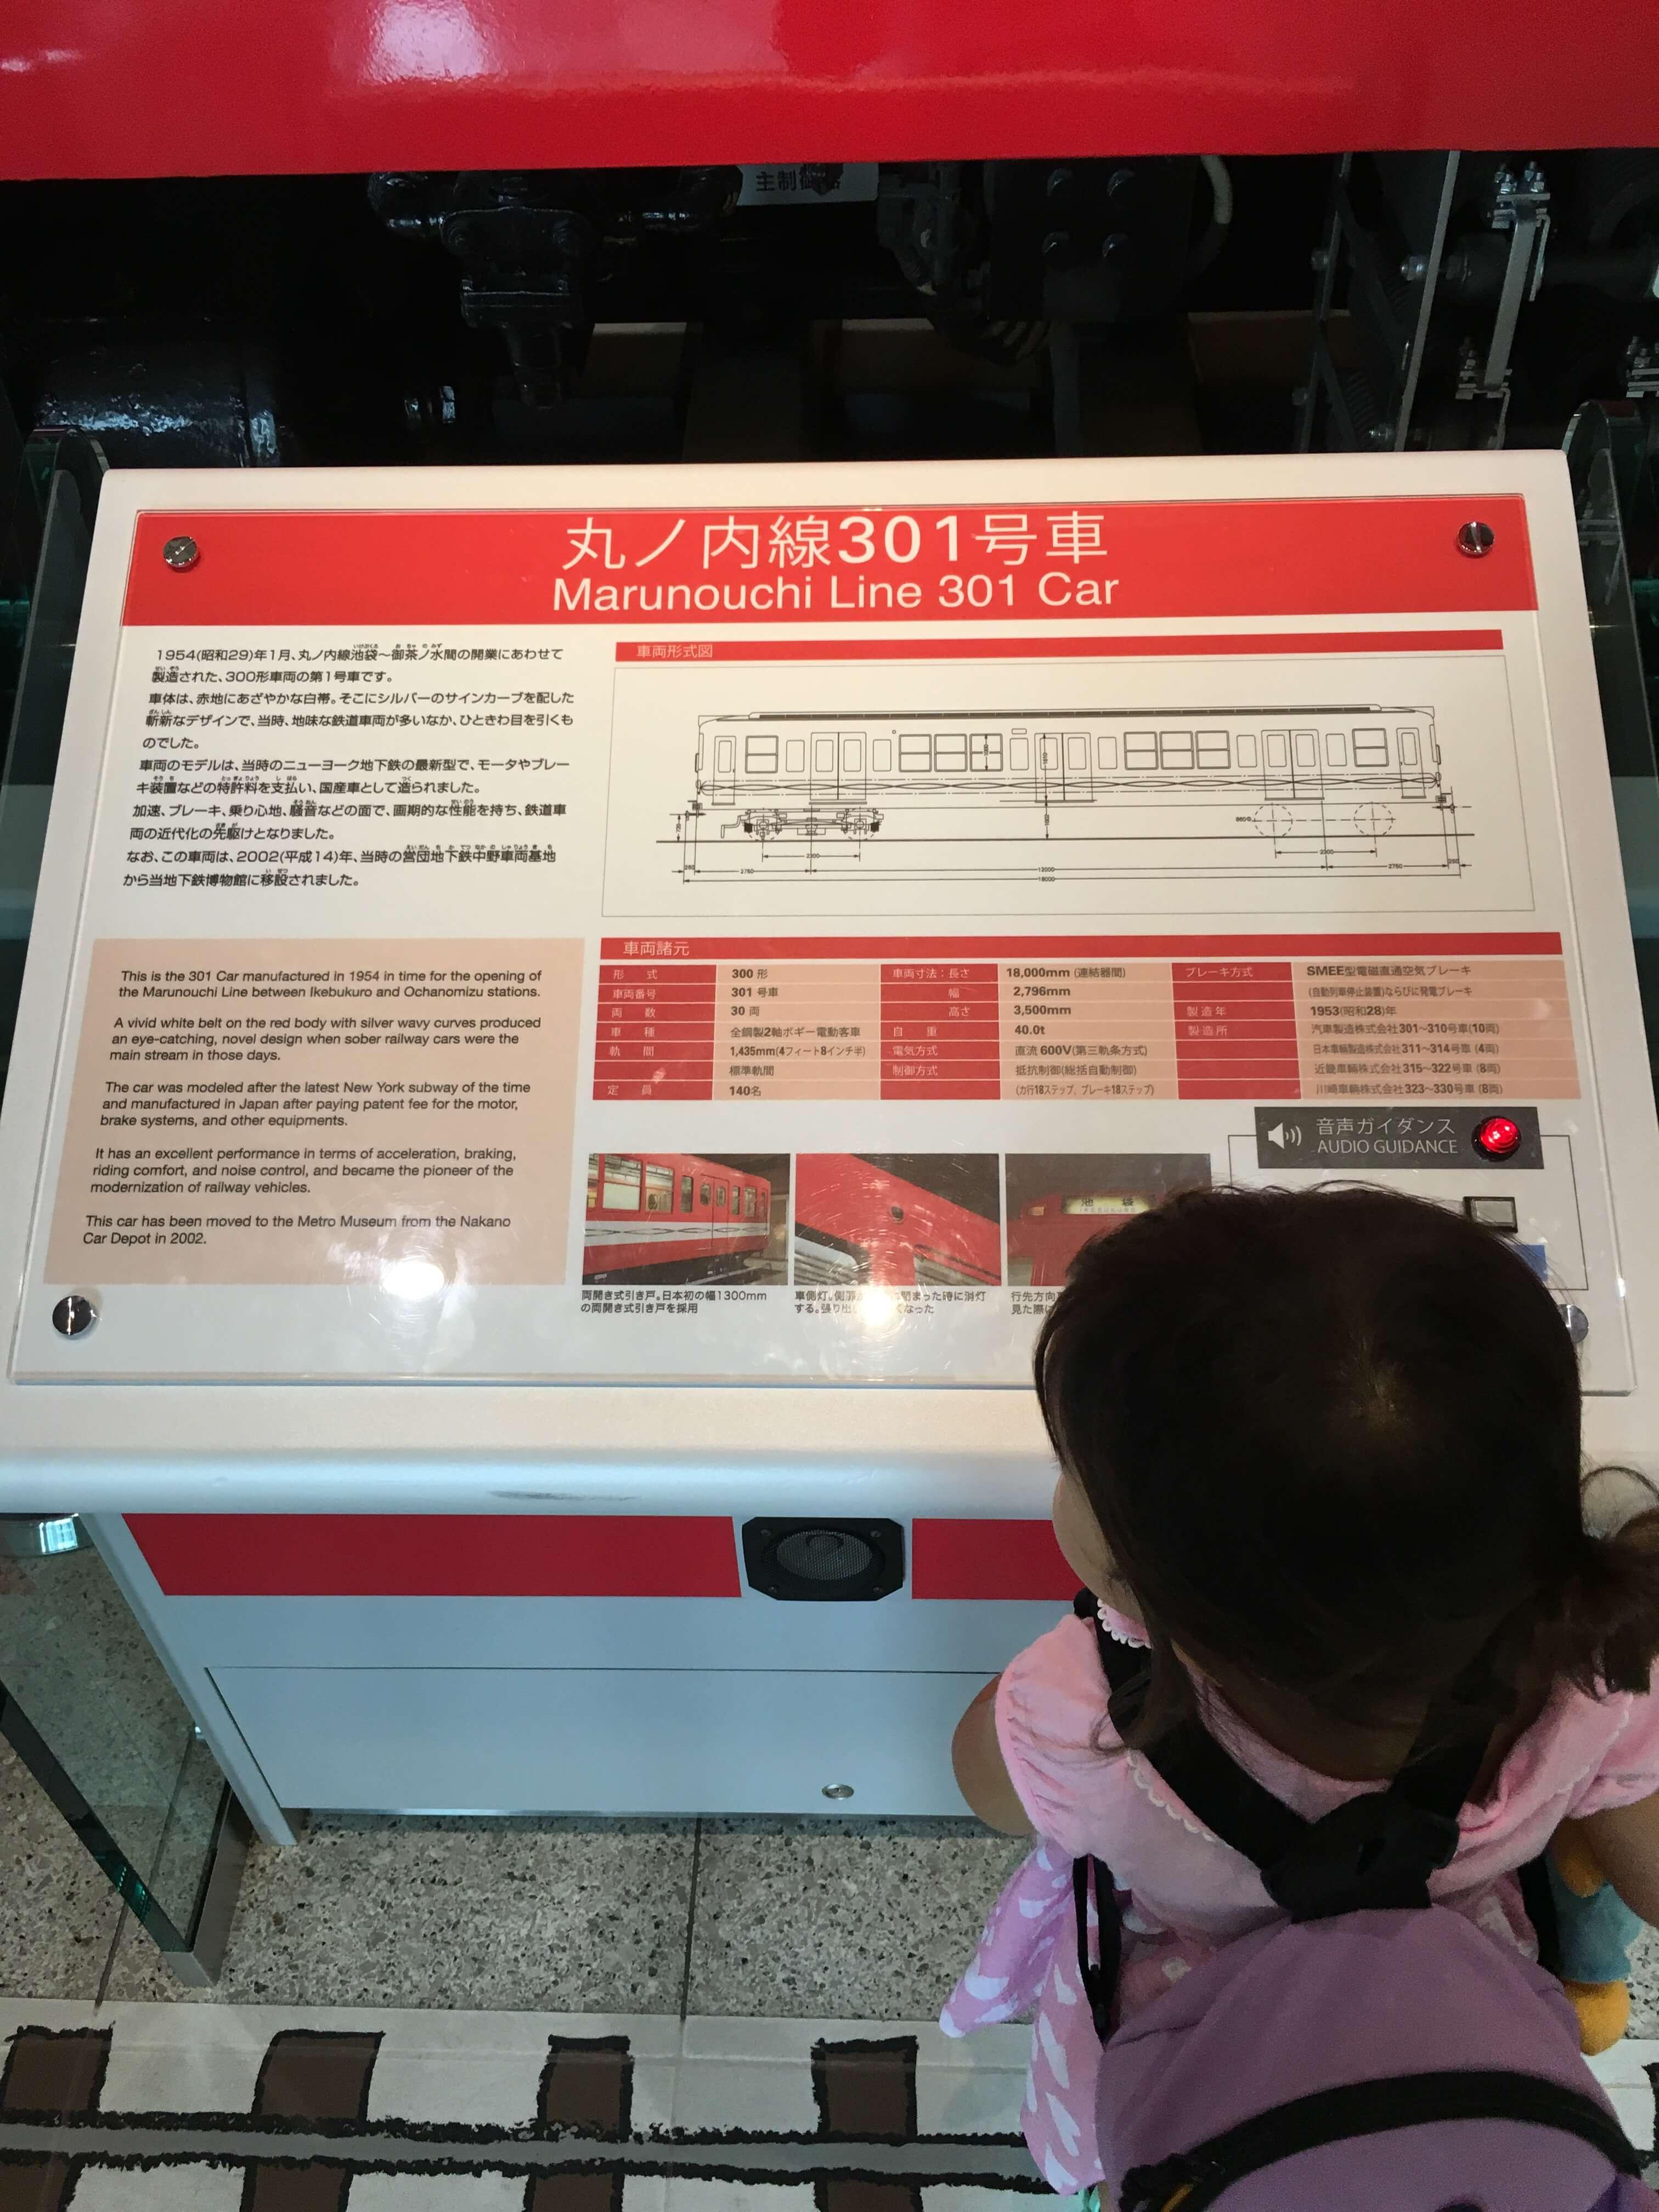 地下鉄博物館 丸ノ内線301号の説明